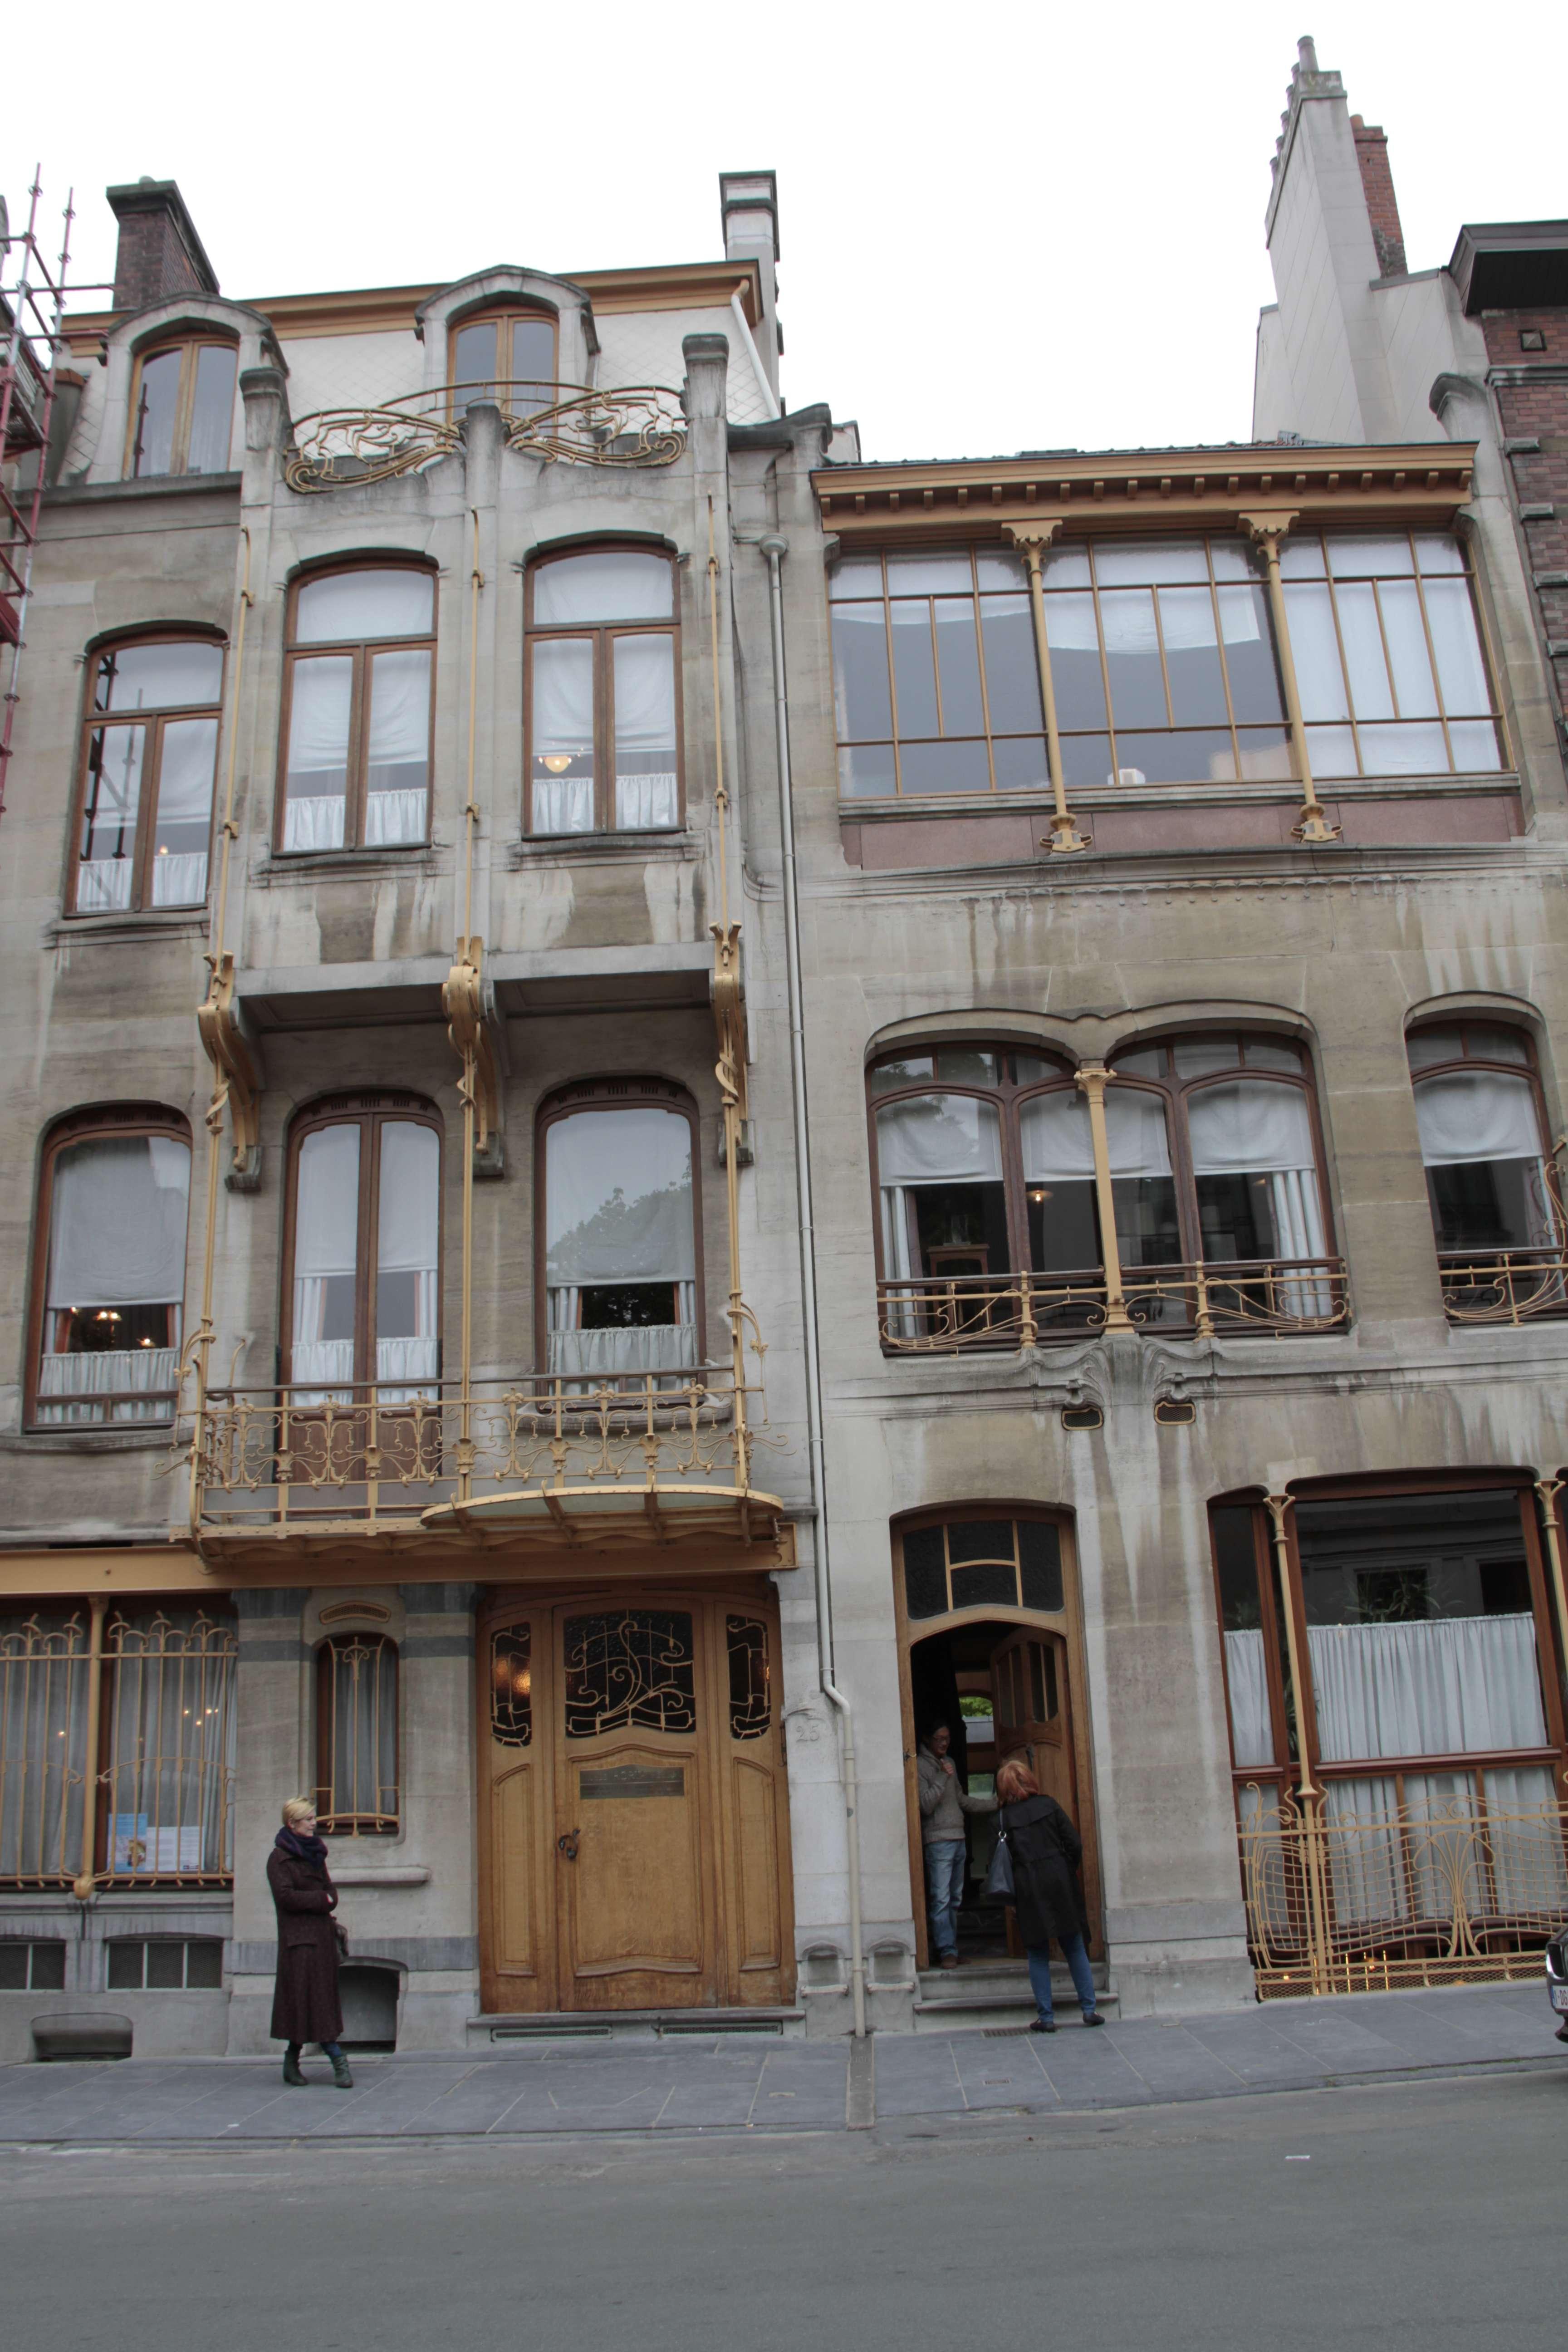 Belgique mai 2015_0260 Bruxelles circuit Art nouveau musée Horta